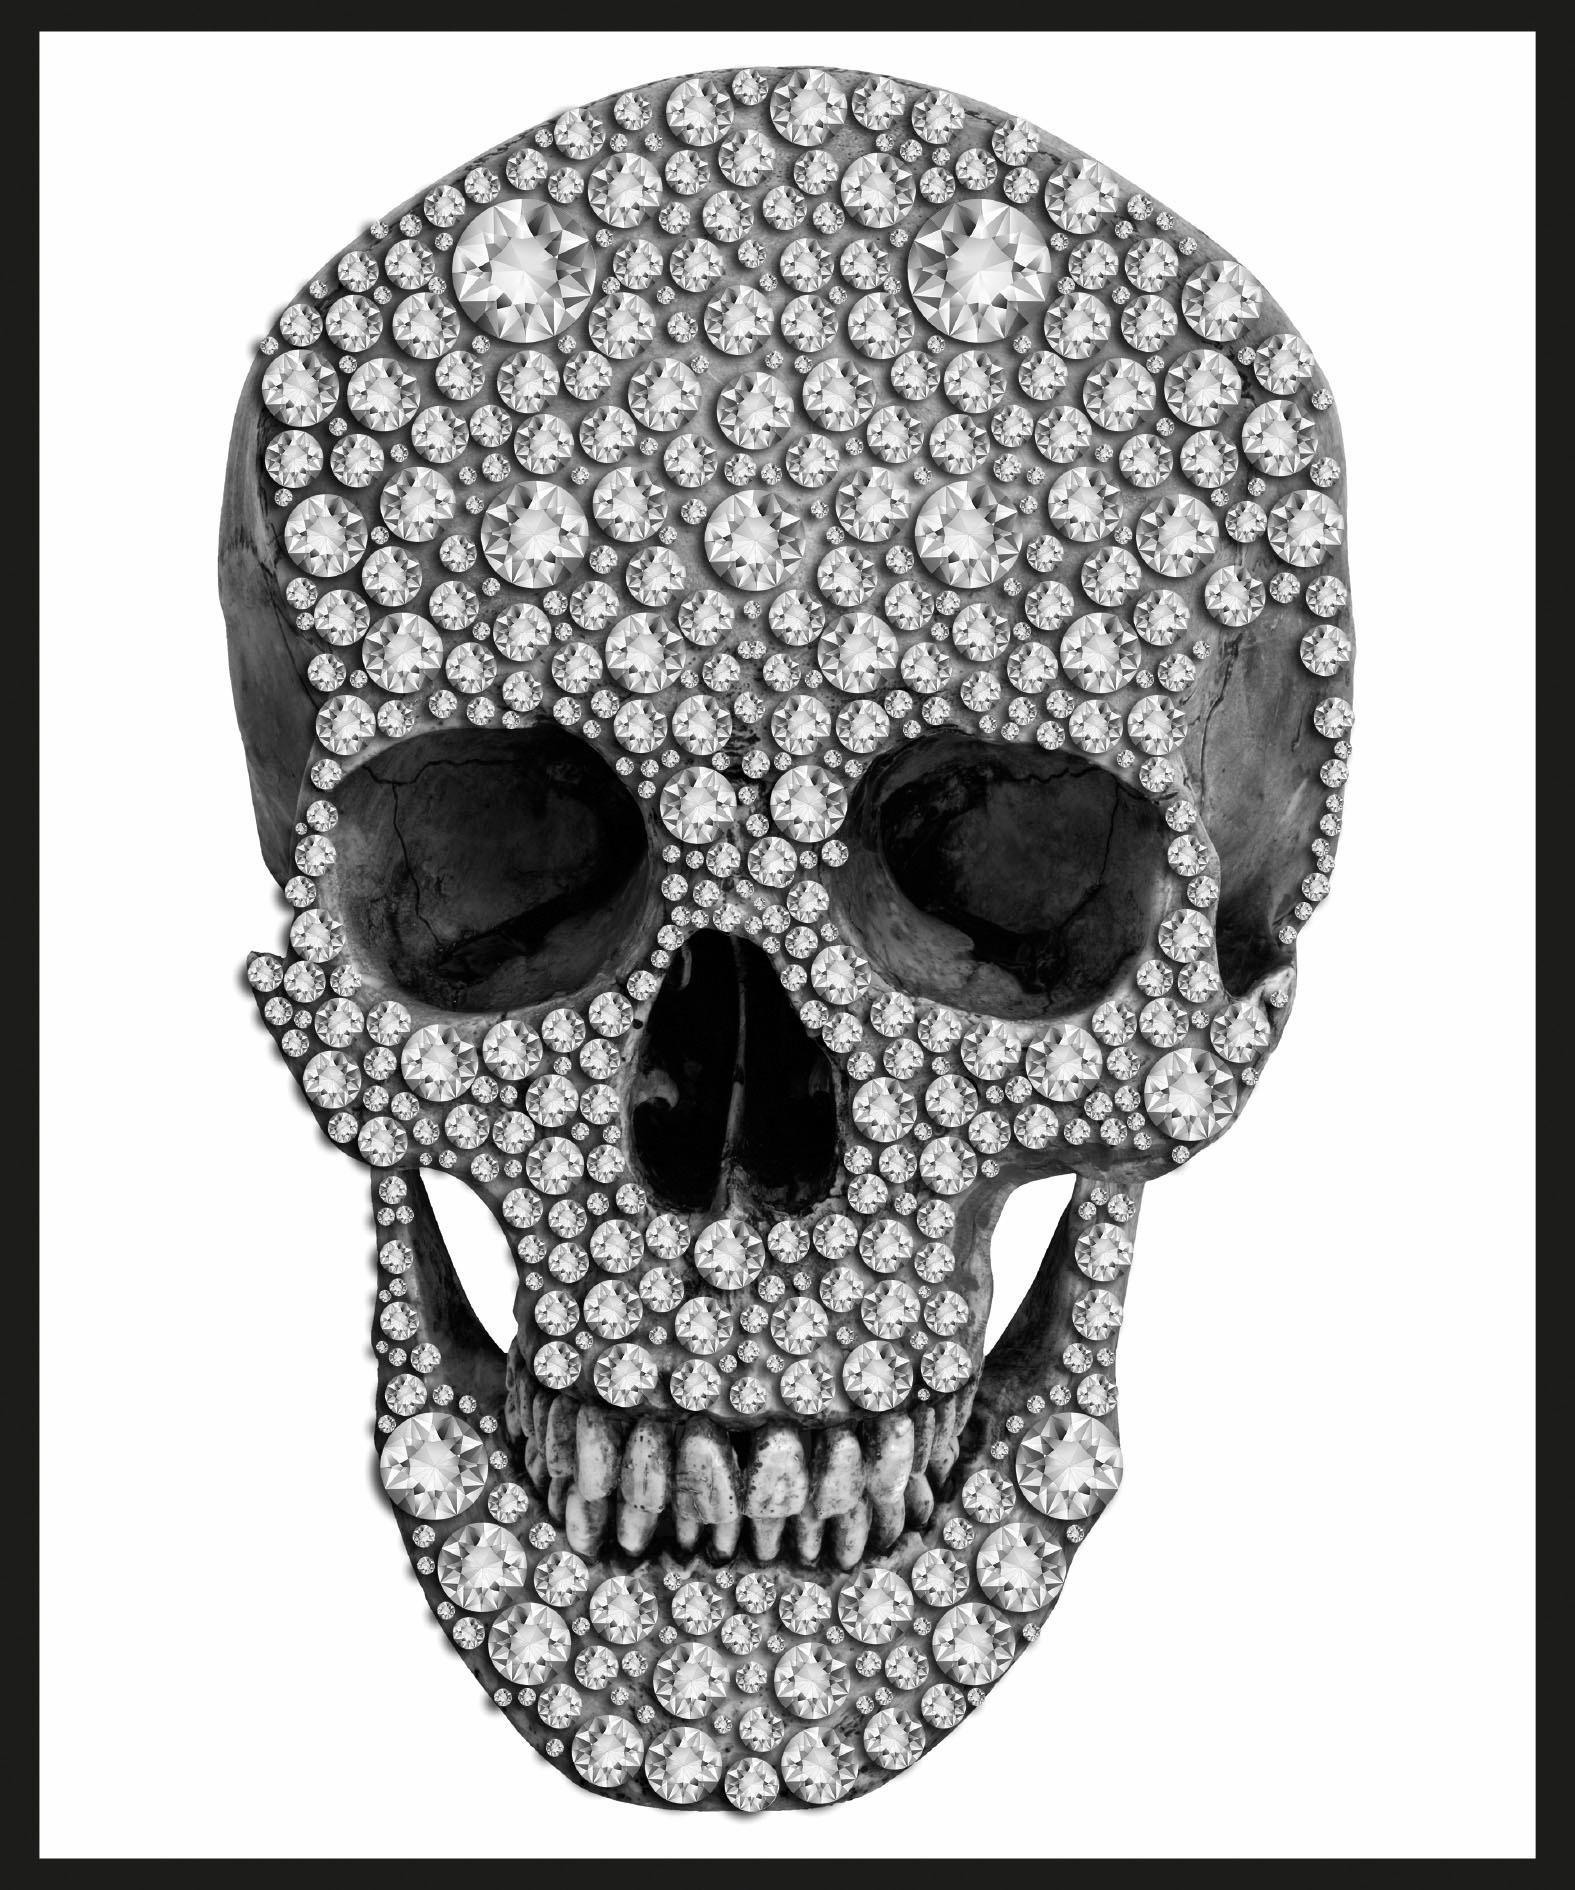 Home affaire wanddecoratie Skull 50/60 cm, ingelijst nu online kopen bij OTTO